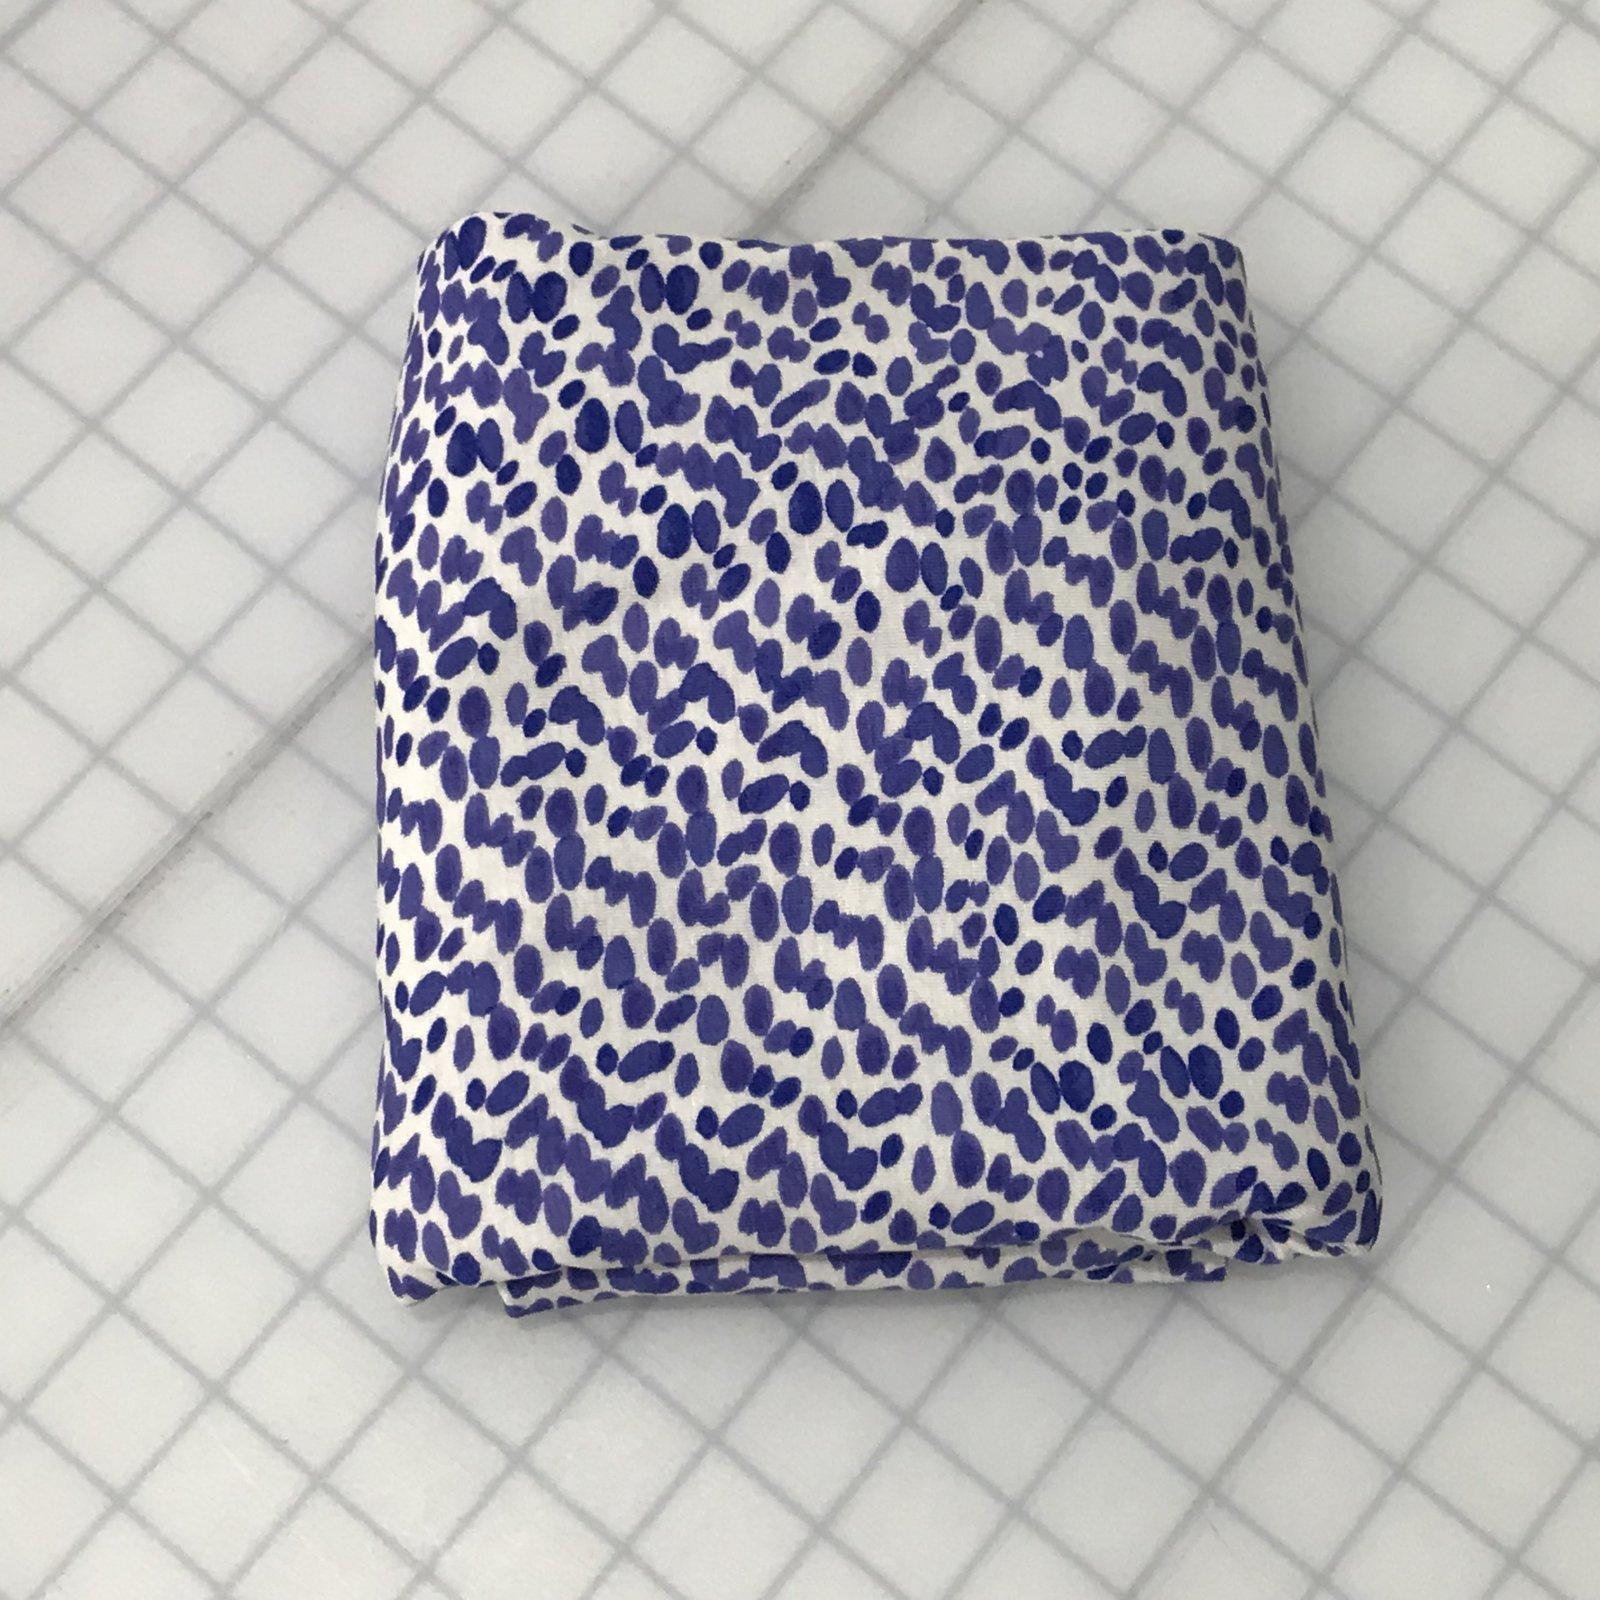 Rayon Jersey - Purple Dots - 1 yard